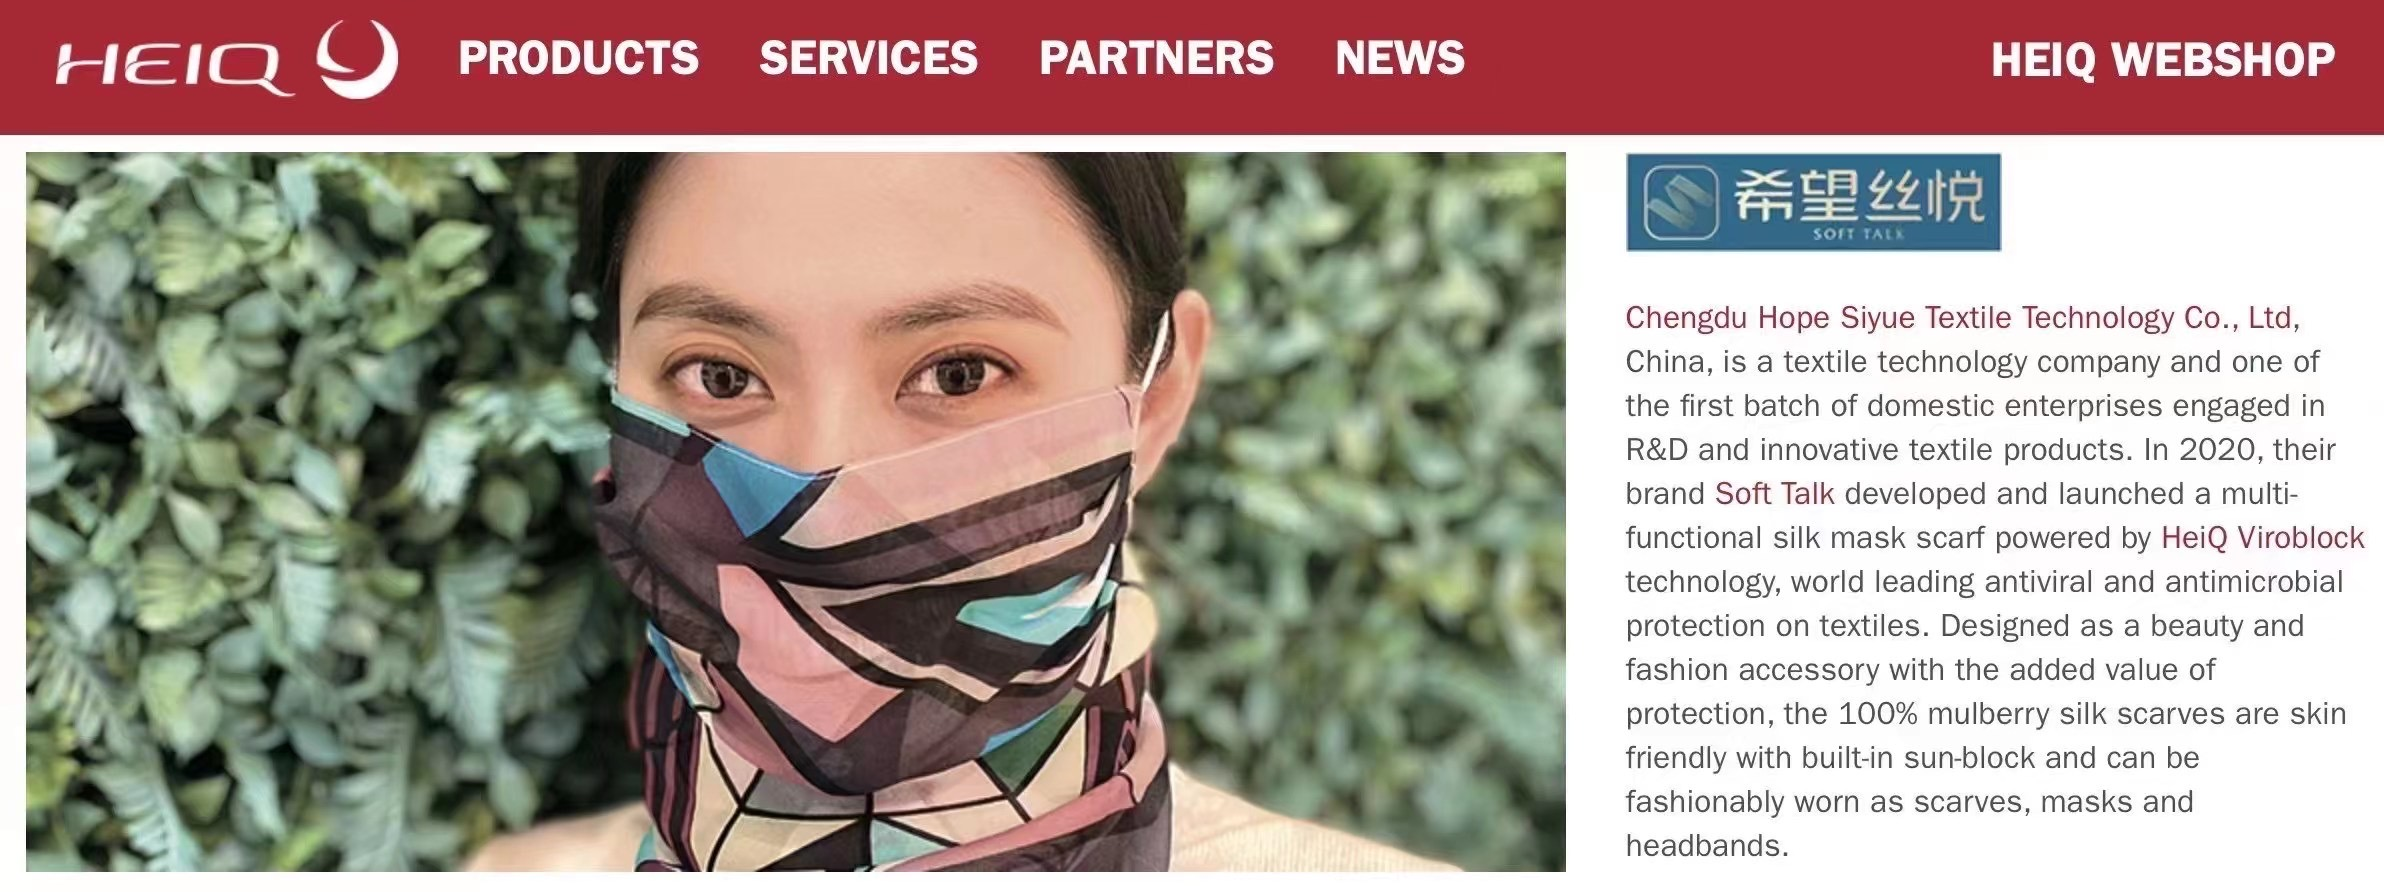 集團旗下成都希望絲悅紡織科技有限公司與瑞士海屹科公司合作,聯合開發的抗病毒抗菌系列紡織品在2020年成功上市。